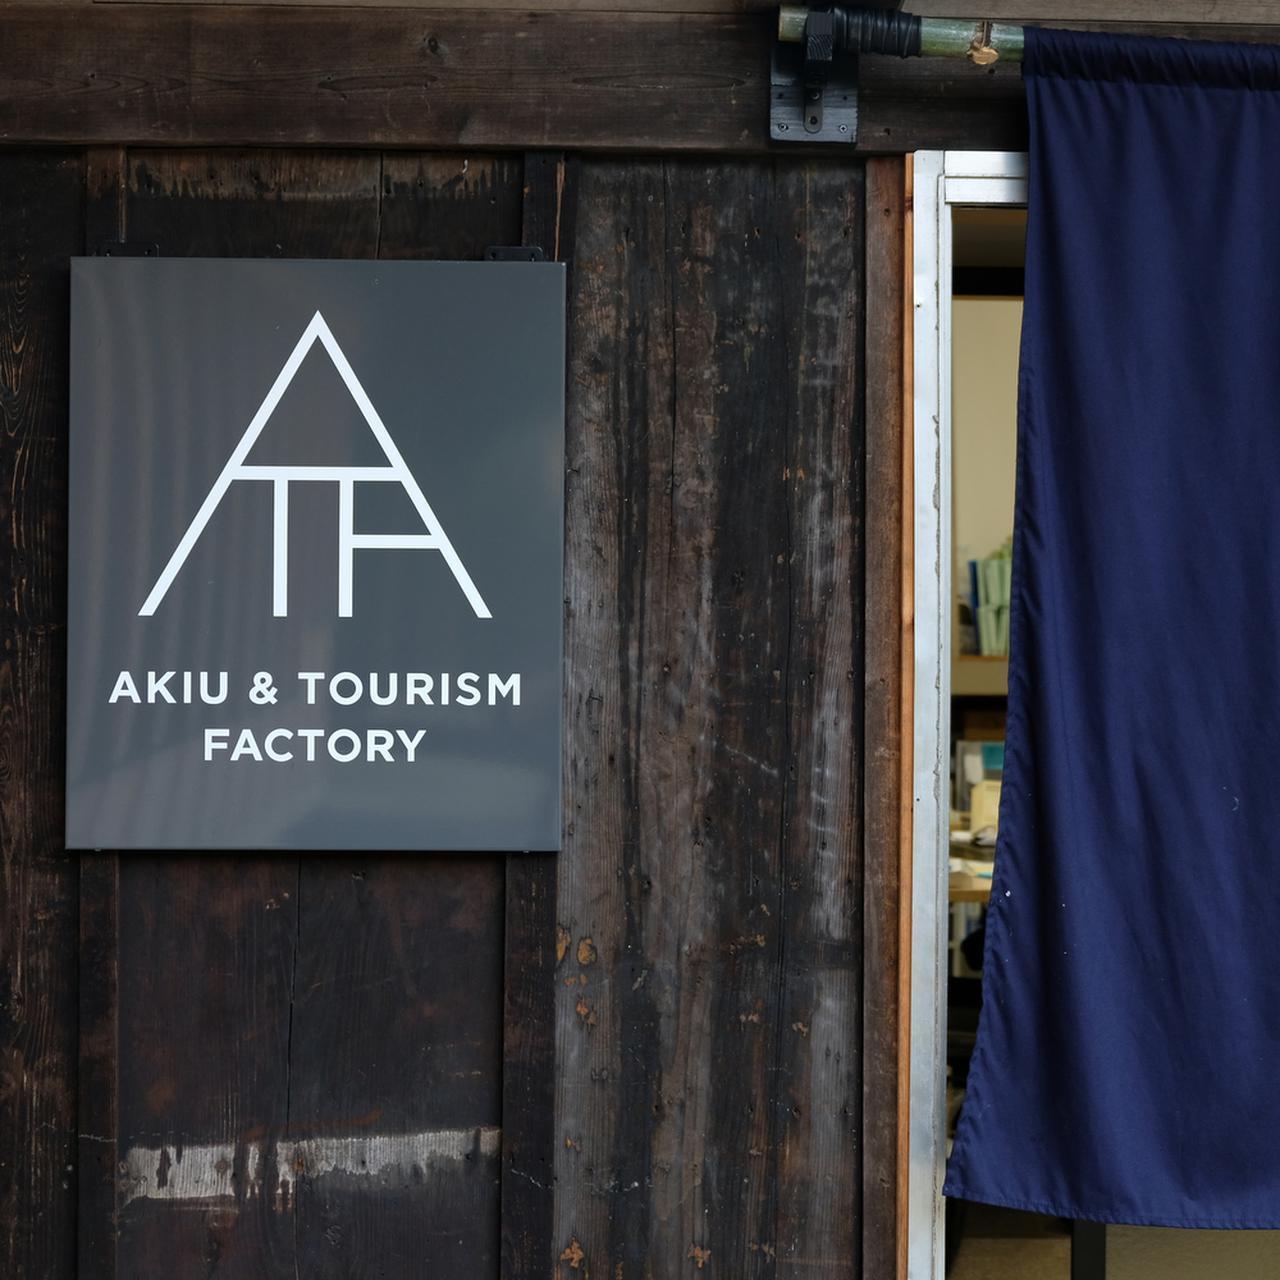 画像: アキウツーリズムファクトリーの事務所も同じ敷地内。秋保地区のアクティビティやツアーの紹介、アテンドなどを行ってくれます。